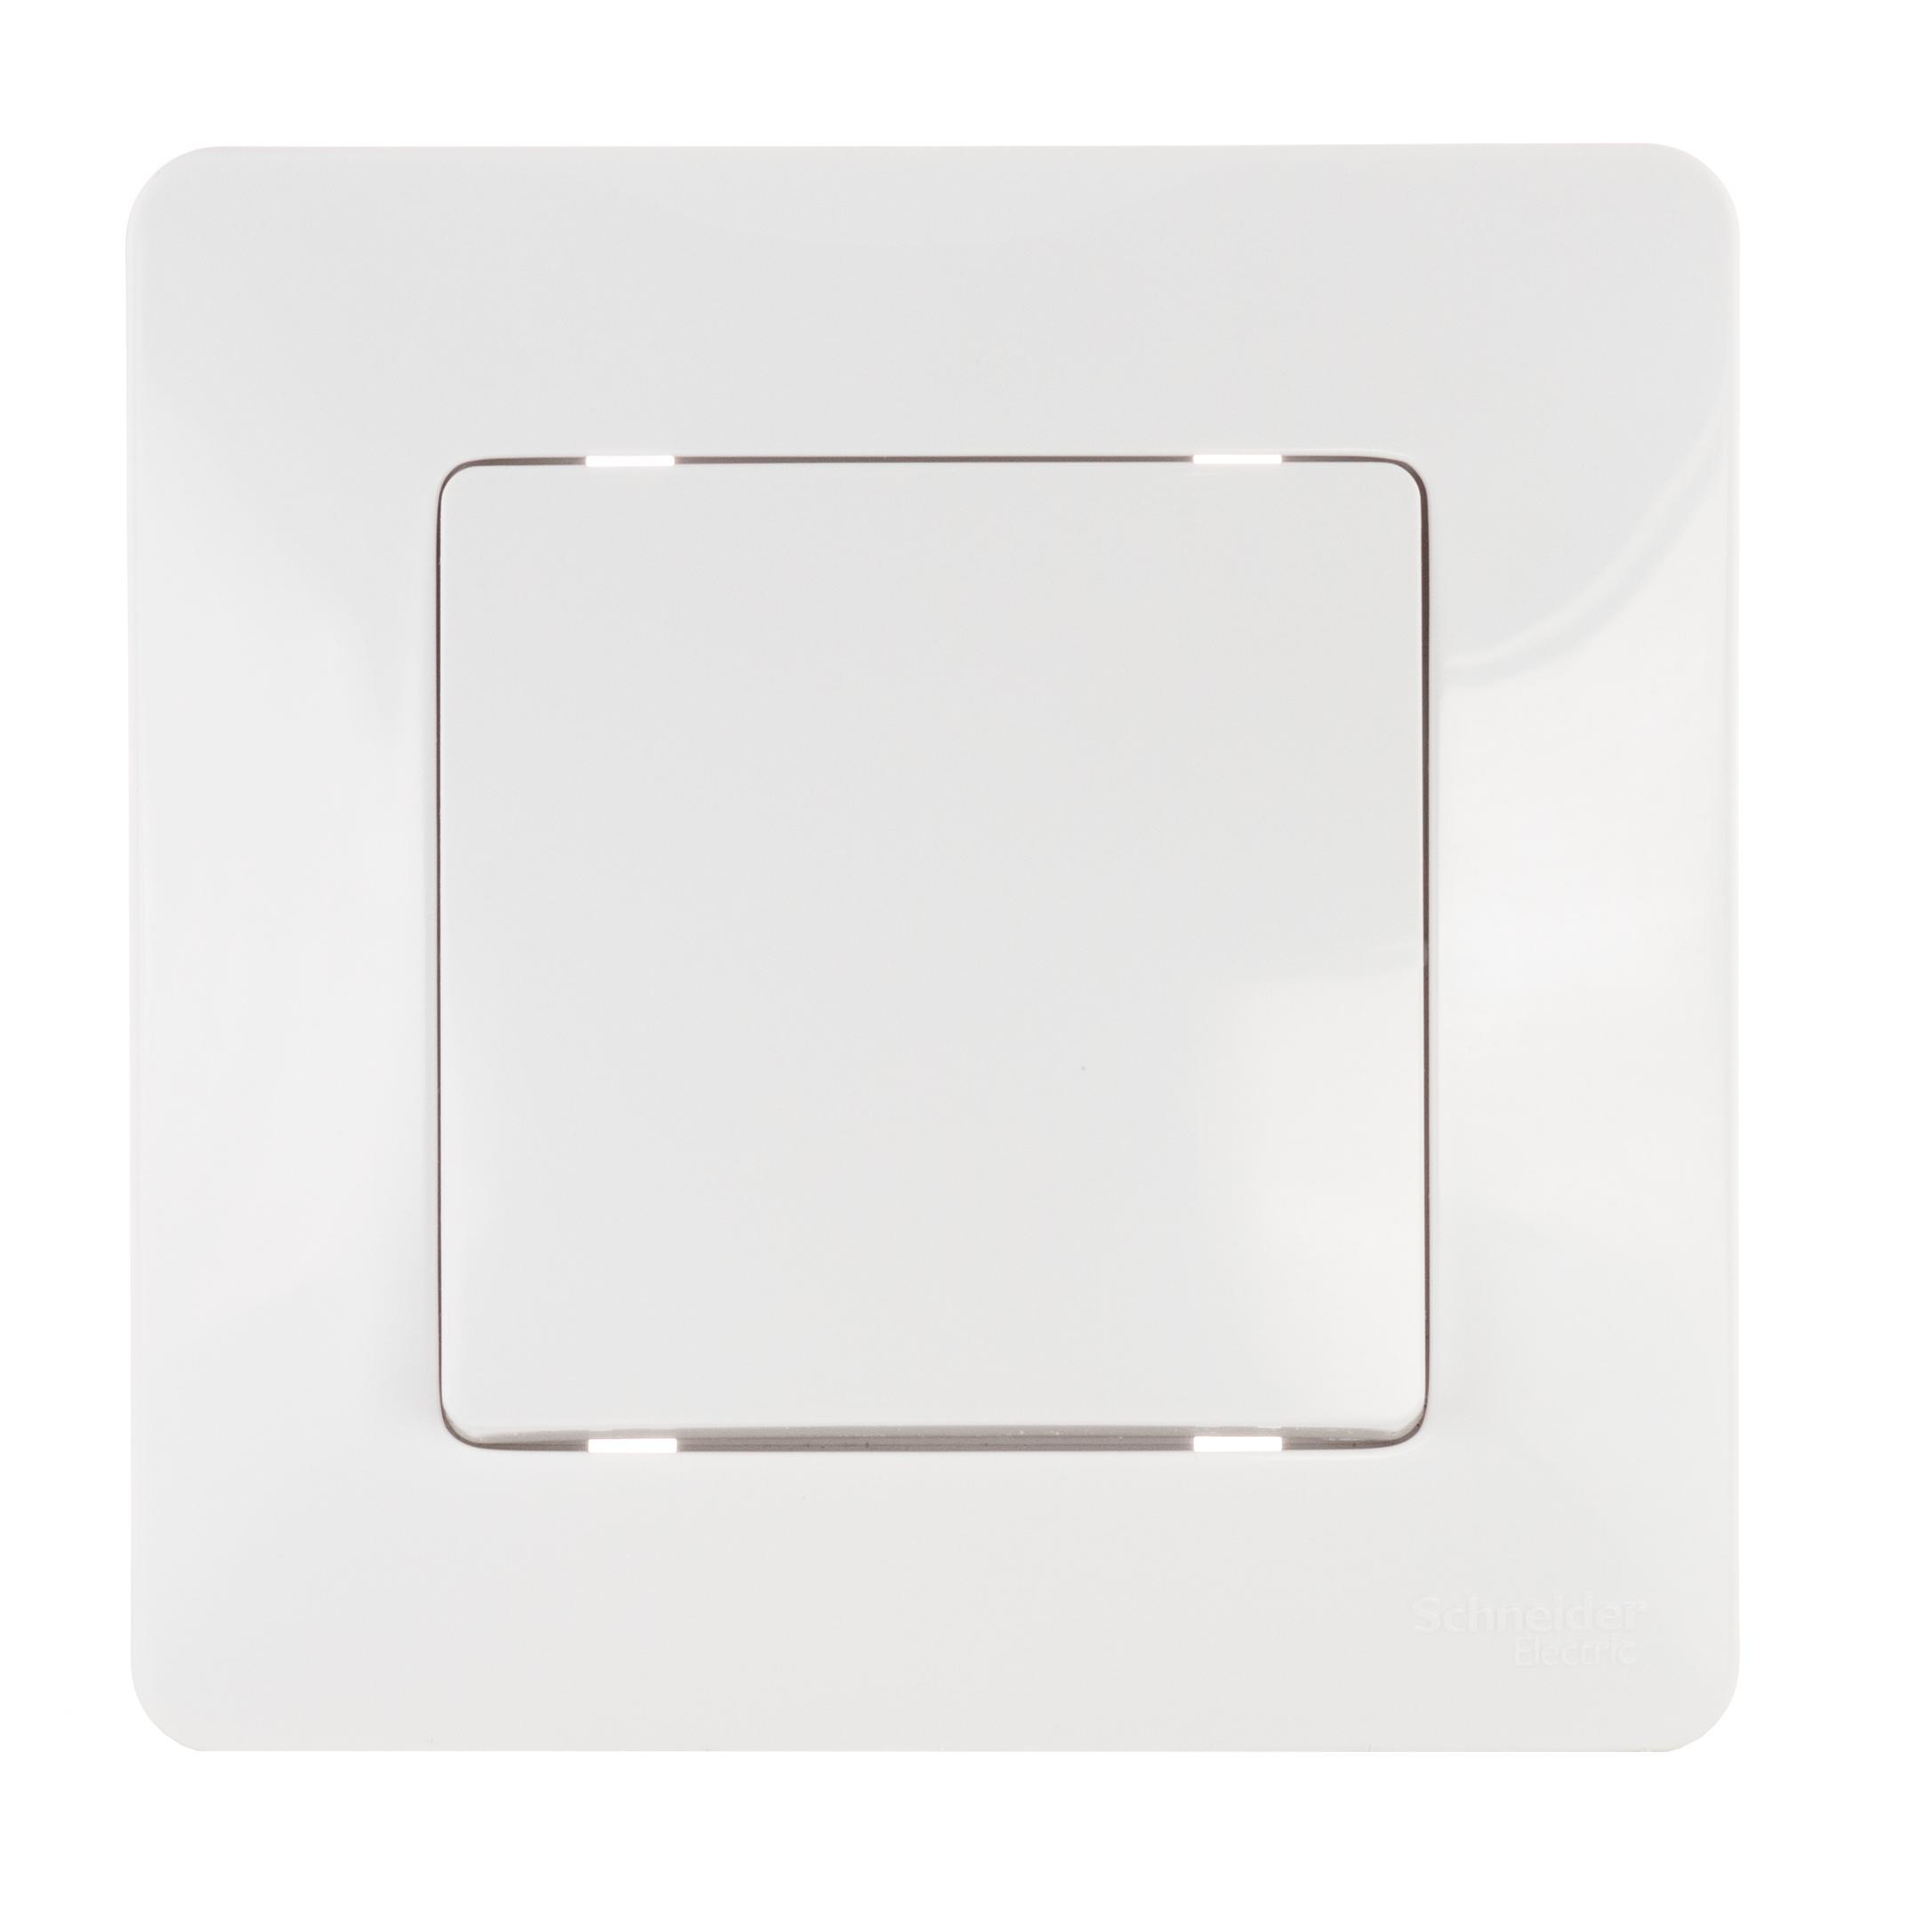 Купить Выключатель Schneider electric Blnvs010101 blanca